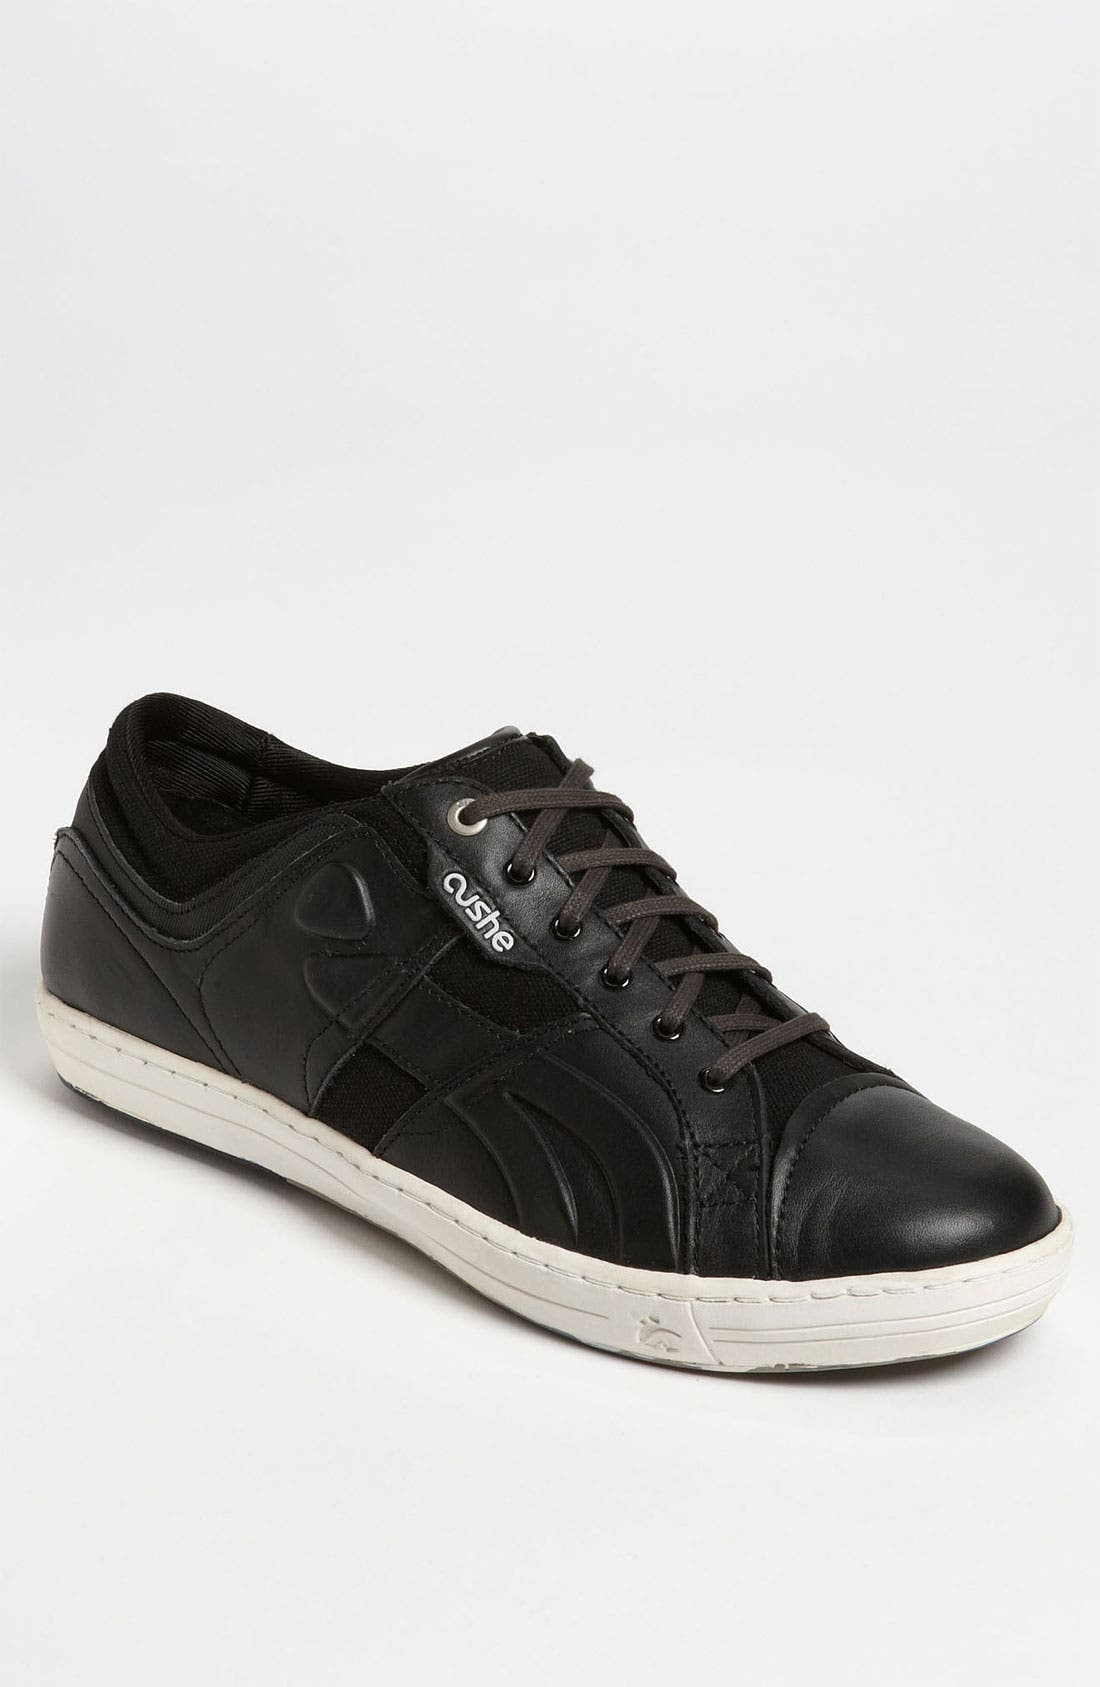 Alternate Image 1 Selected - Cushe 'The Standard' Sneaker